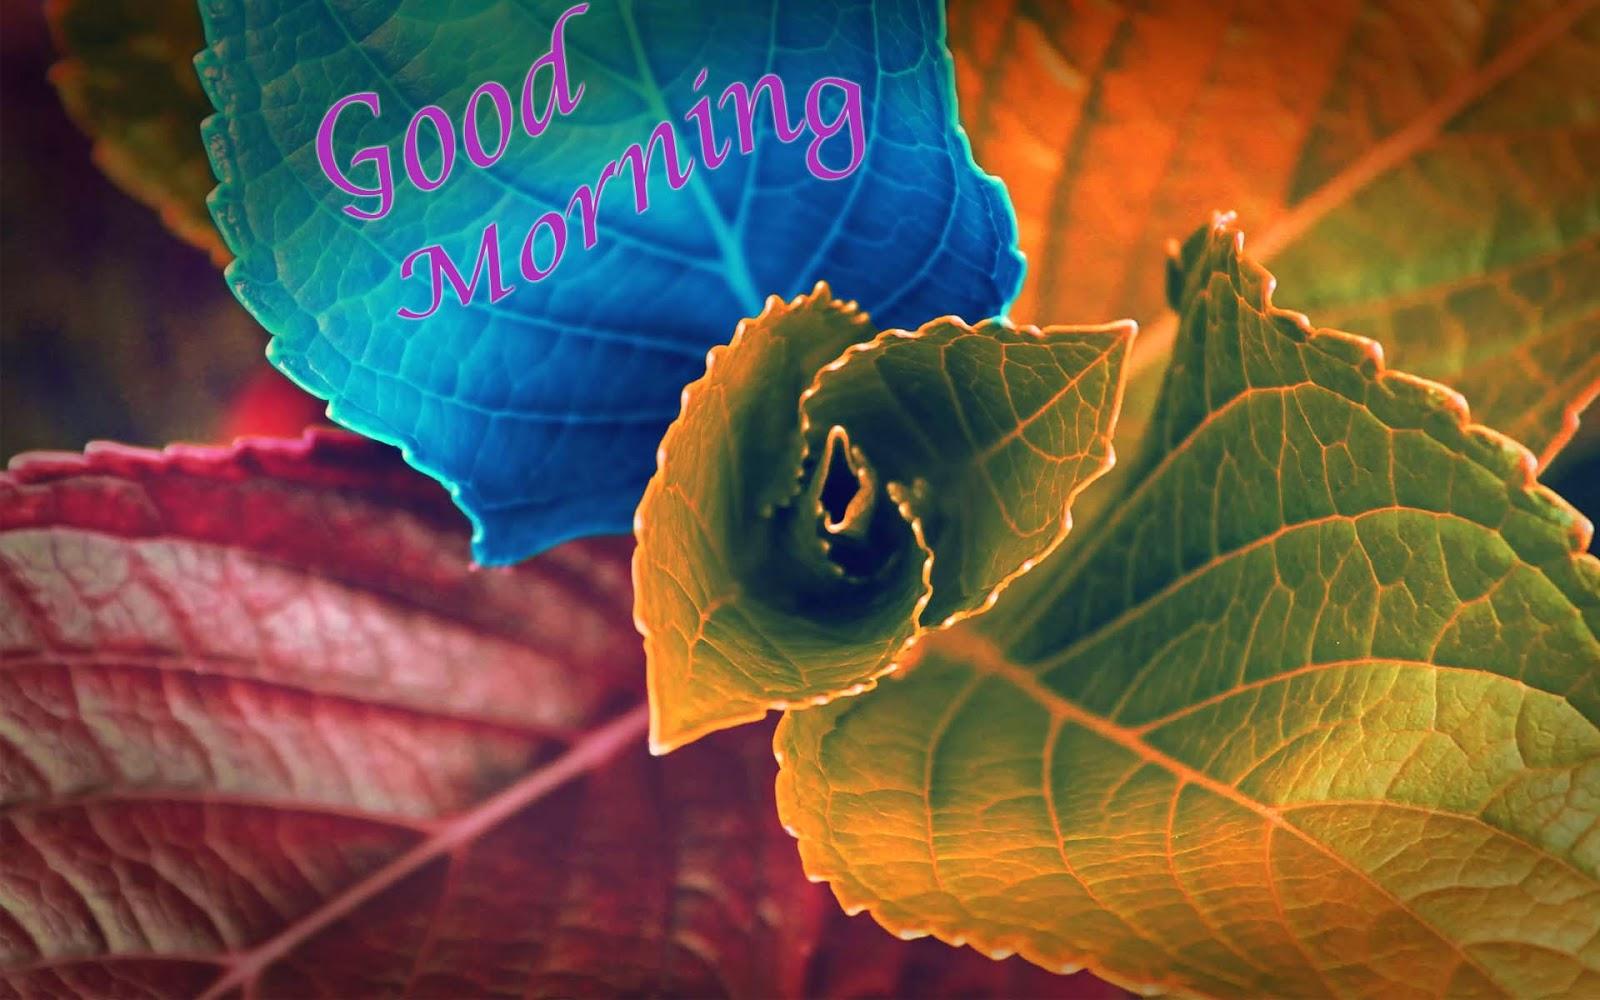 صور صباح الخير وصور للصباح (51)